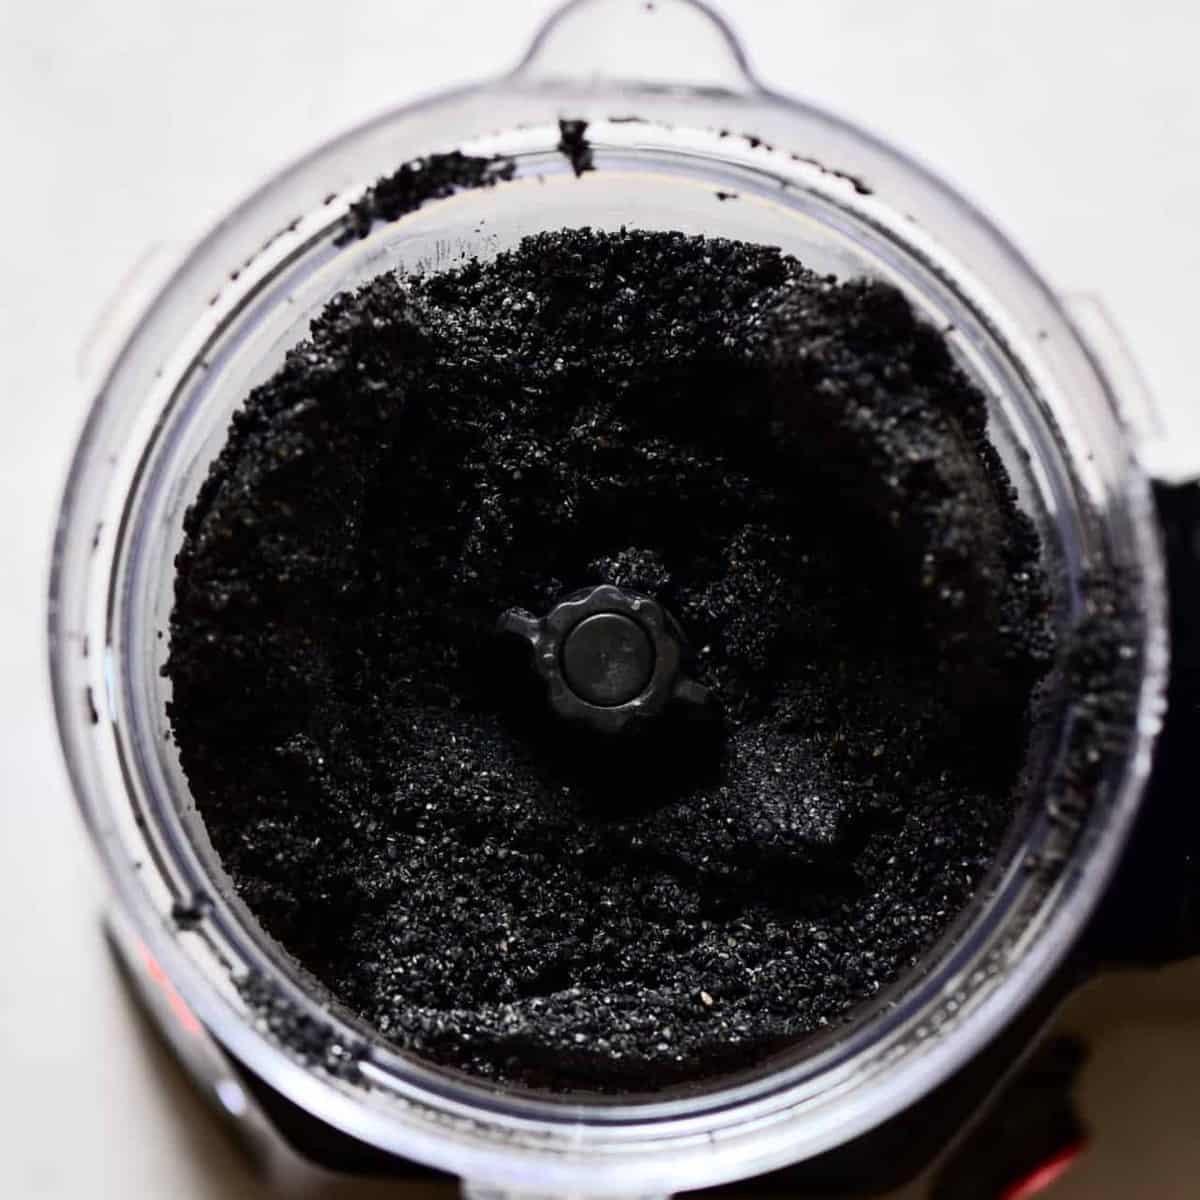 grinding black sesame seeds in food processor